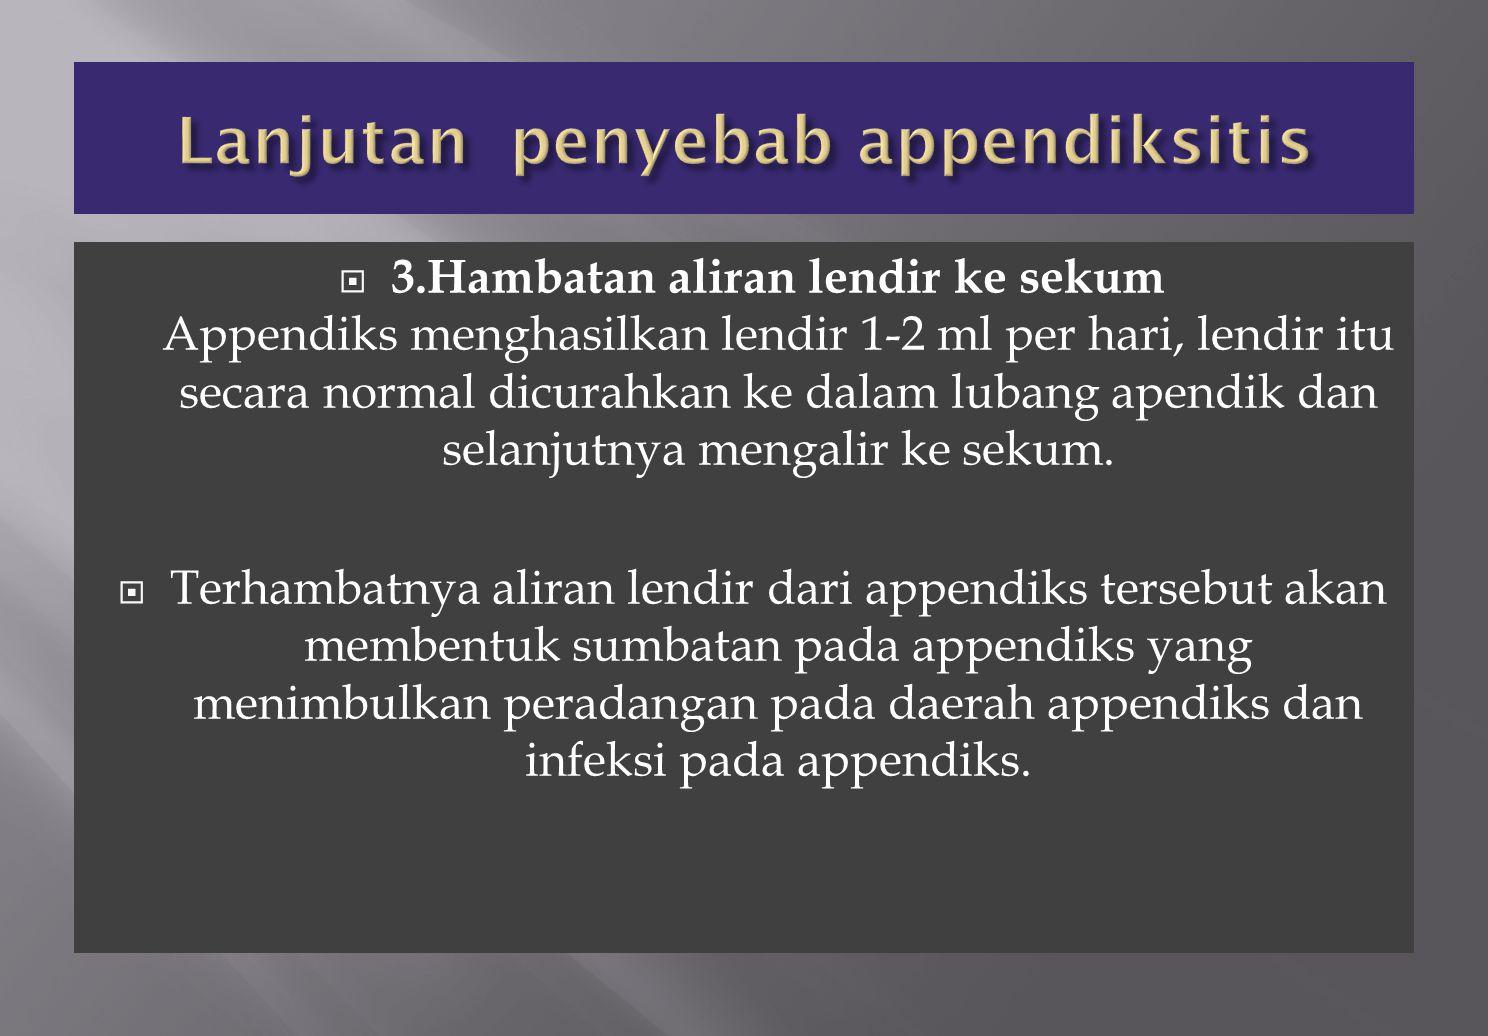 Lanjutan penyebab appendiksitis